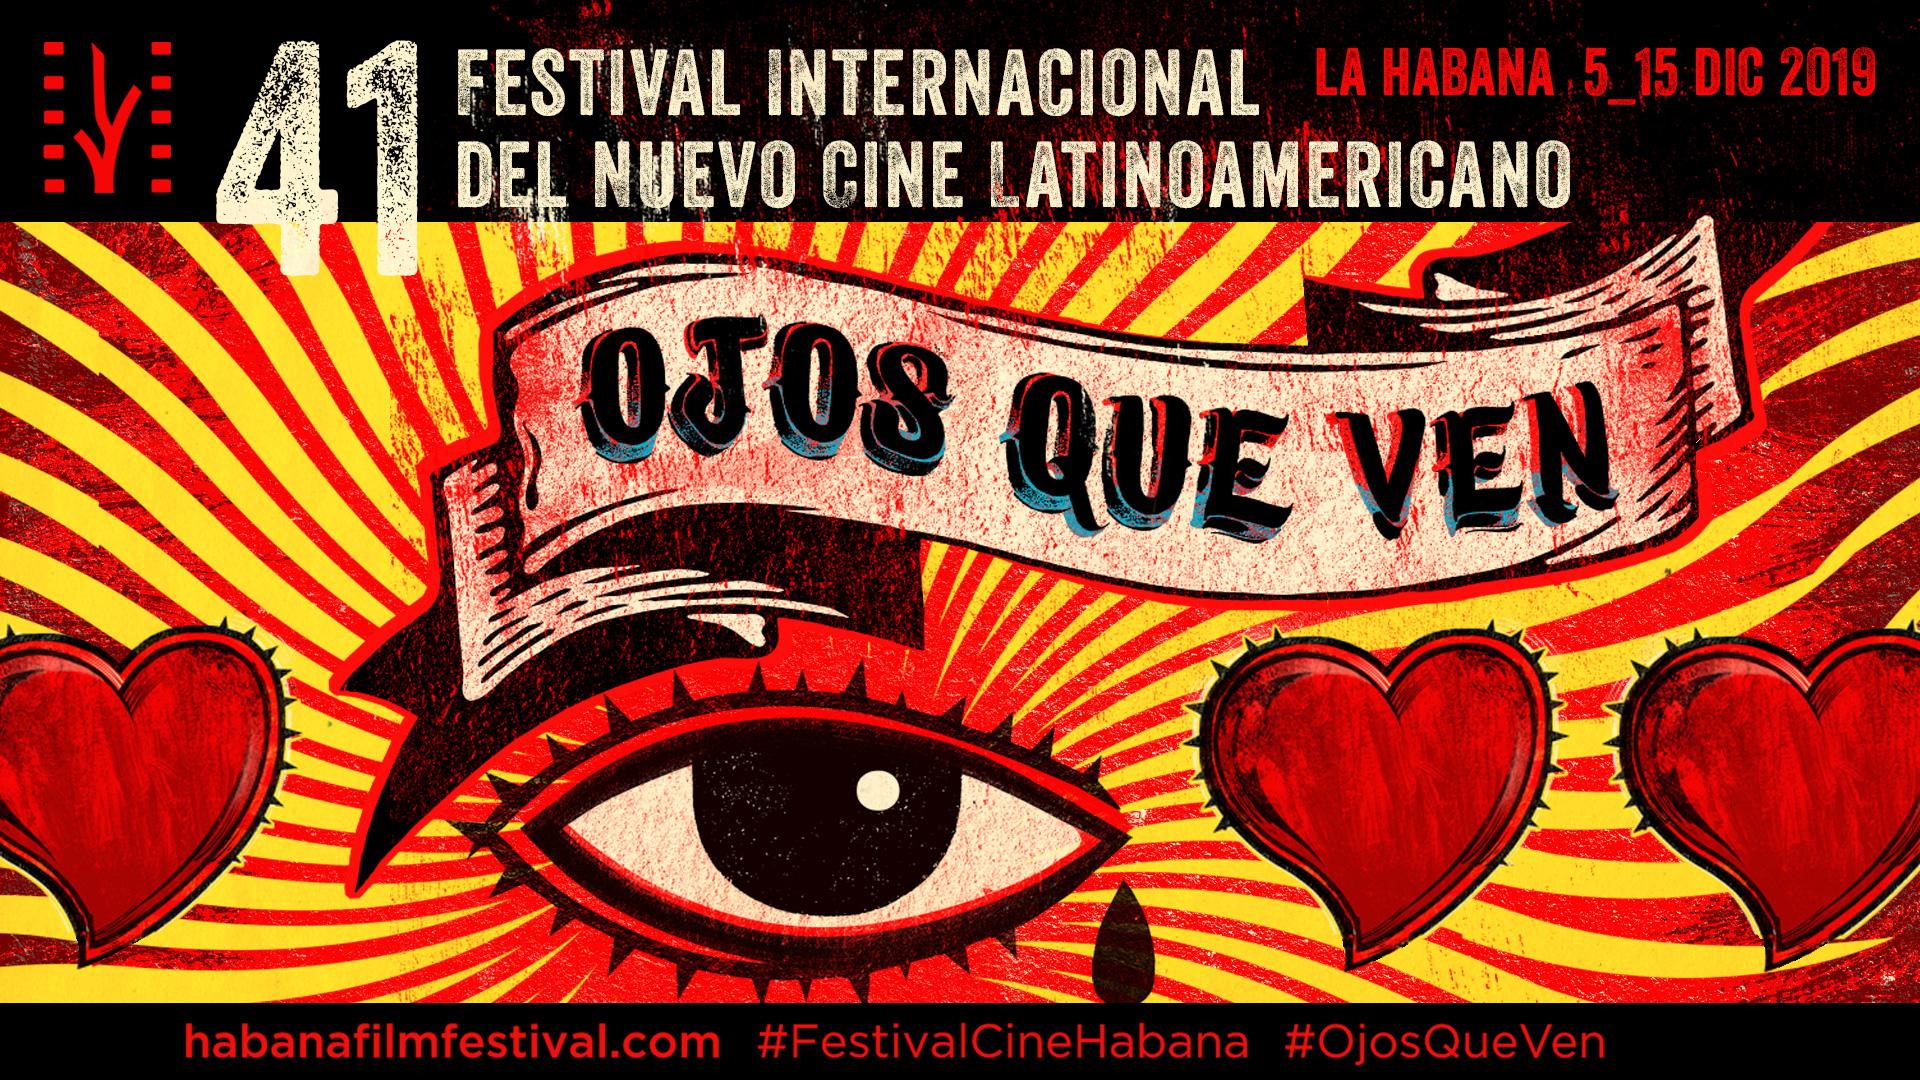 Ojos que ven a América Latina deleitaron en Festival de Cine en Cuba